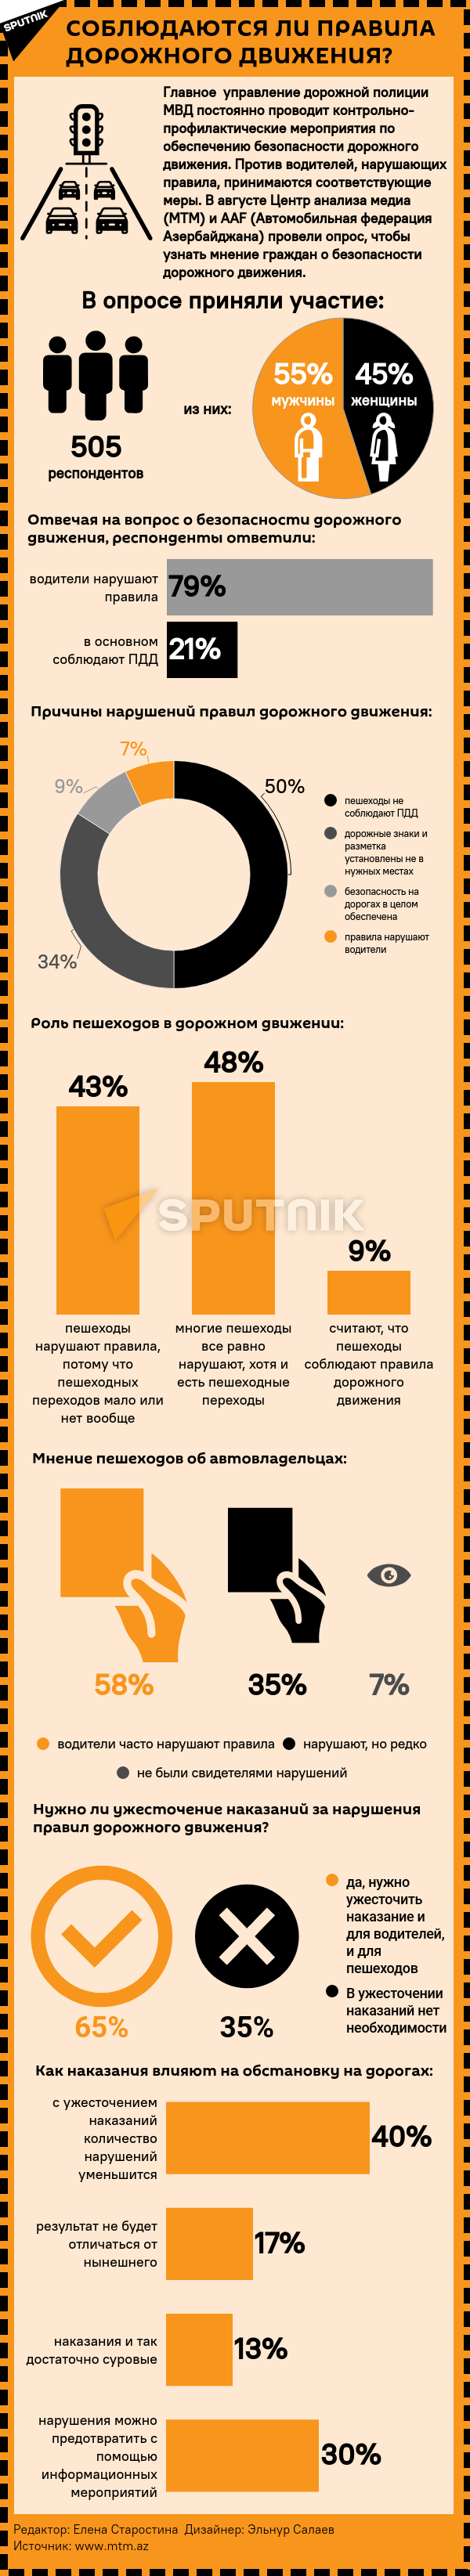 Инфографика: Соблюдаются ли правила дорожного движения? - Sputnik Азербайджан, 1920, 16.09.2021